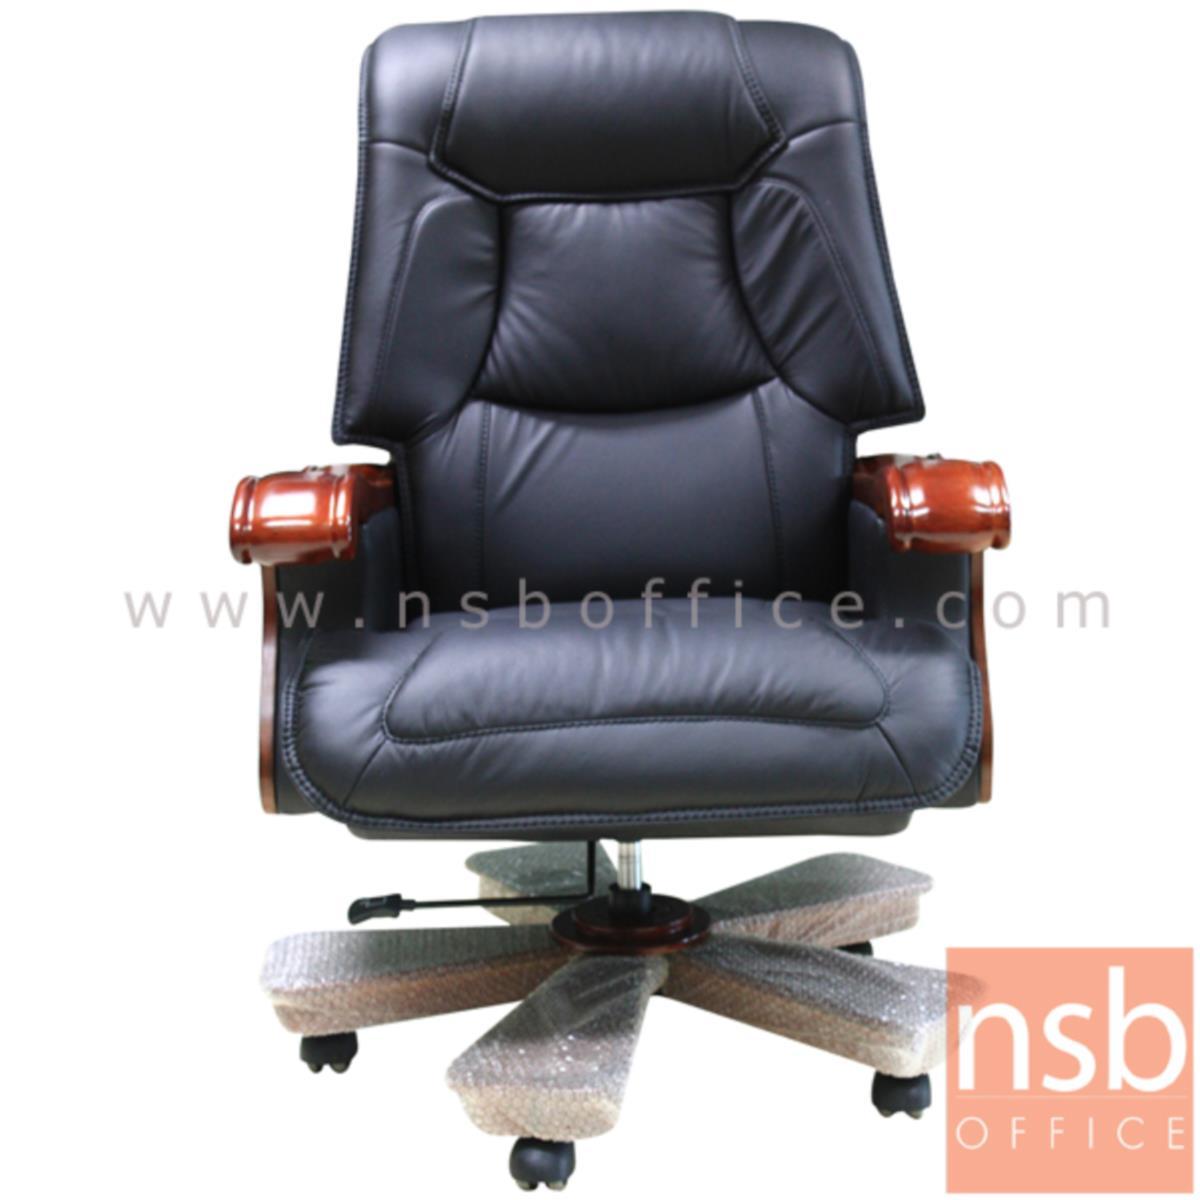 เก้าอี้ผู้บริหารหนังแท้ รุ่น A313  ขาไม้